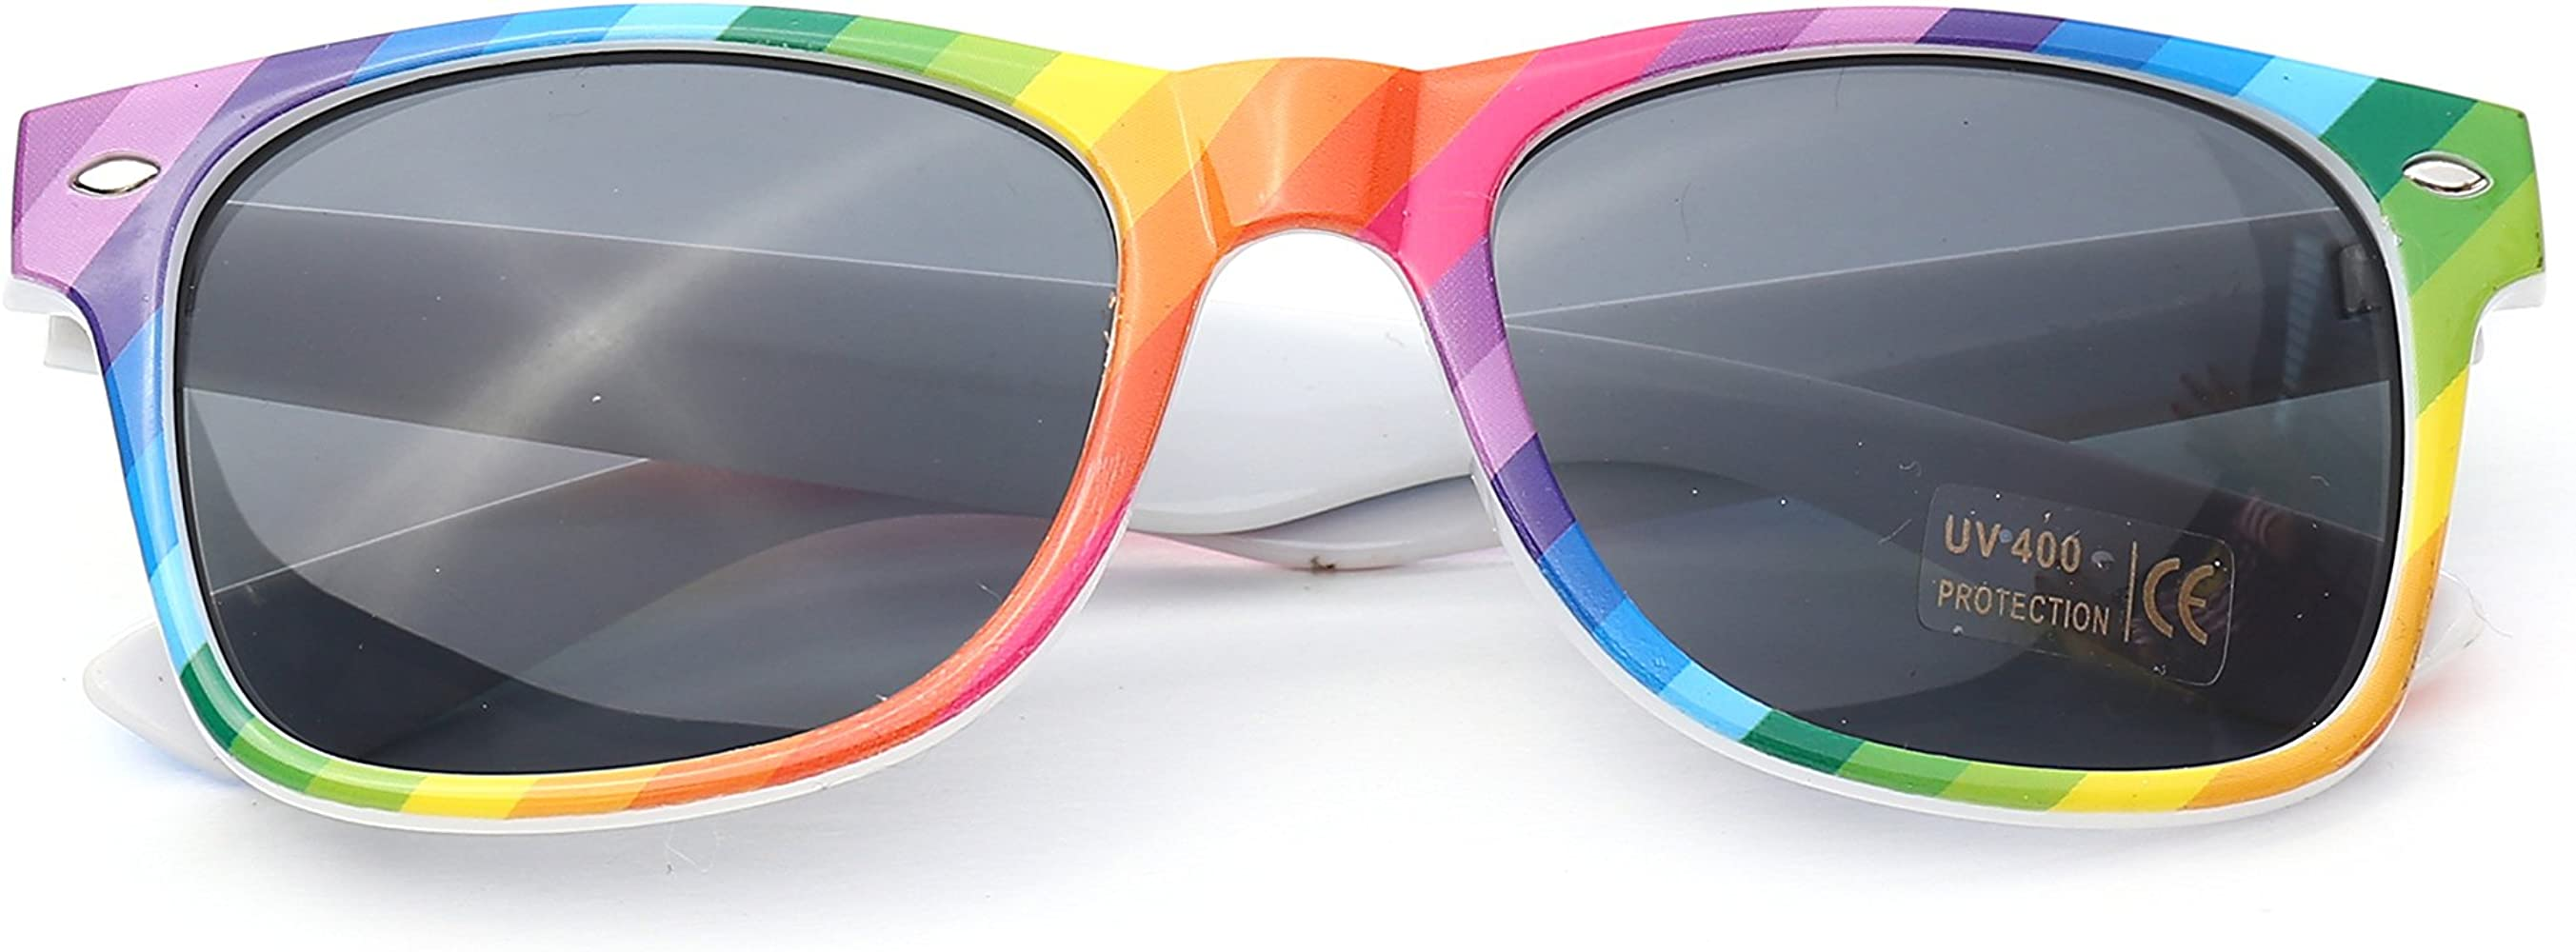 Colourful Gay Pride Arco iris Style Gafas de sol (WSPSG1): Amazon.es: Ropa y accesorios